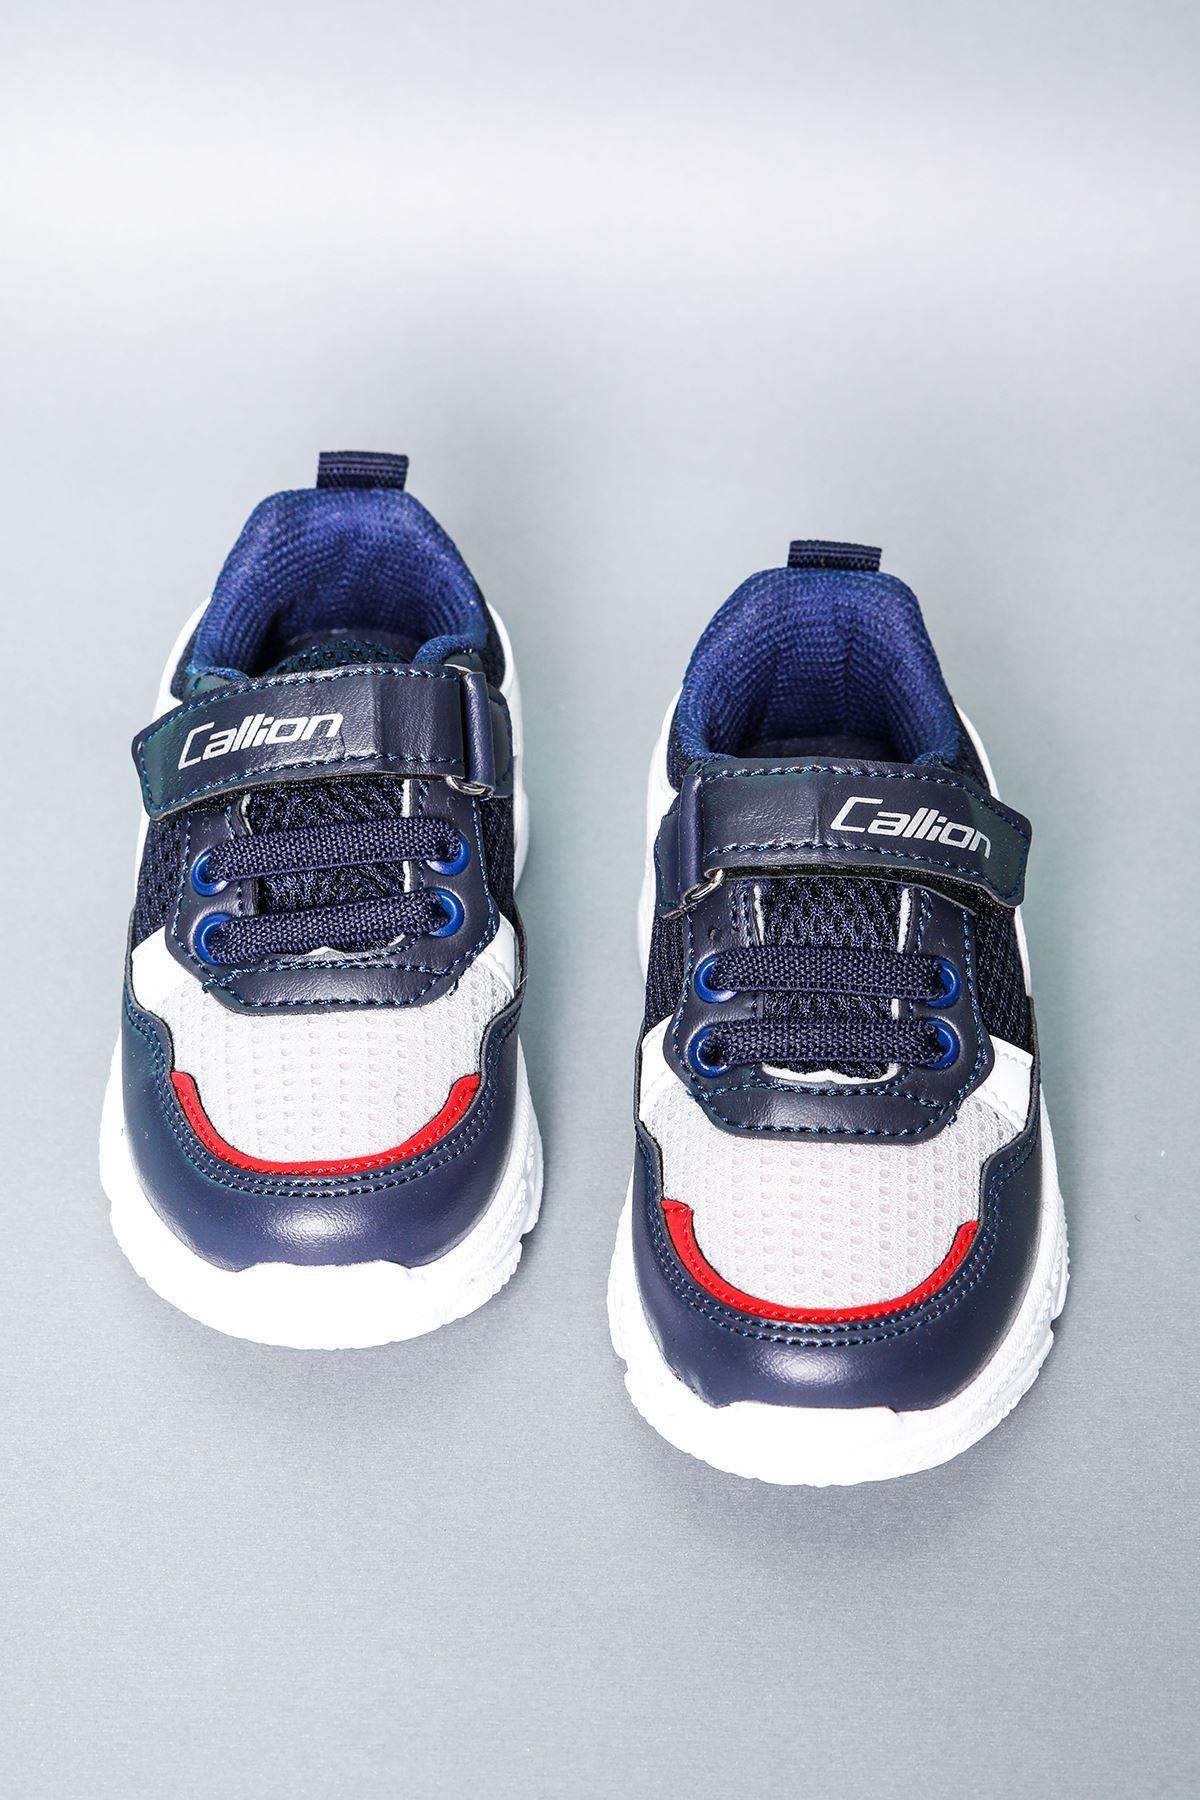 Gri Fileli Lacivert Çocuk Spor Ayakkabı